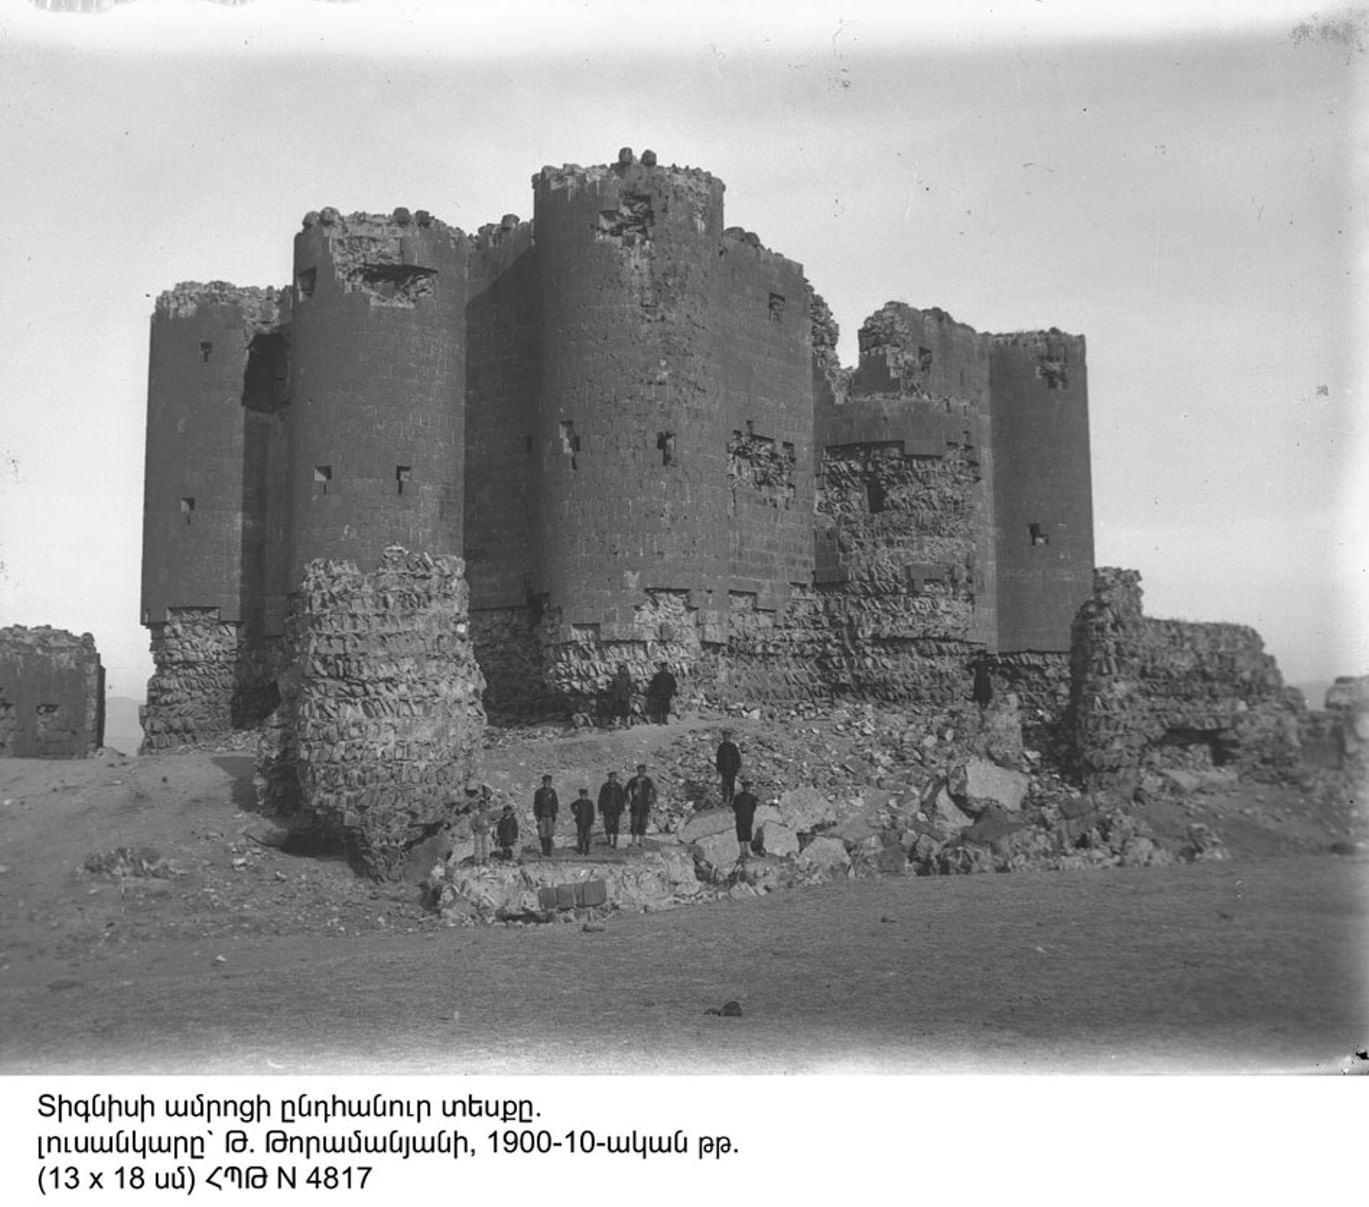 Армения по Мандельштаму. Фотографии Армении начала ХХ века. Галерея 3